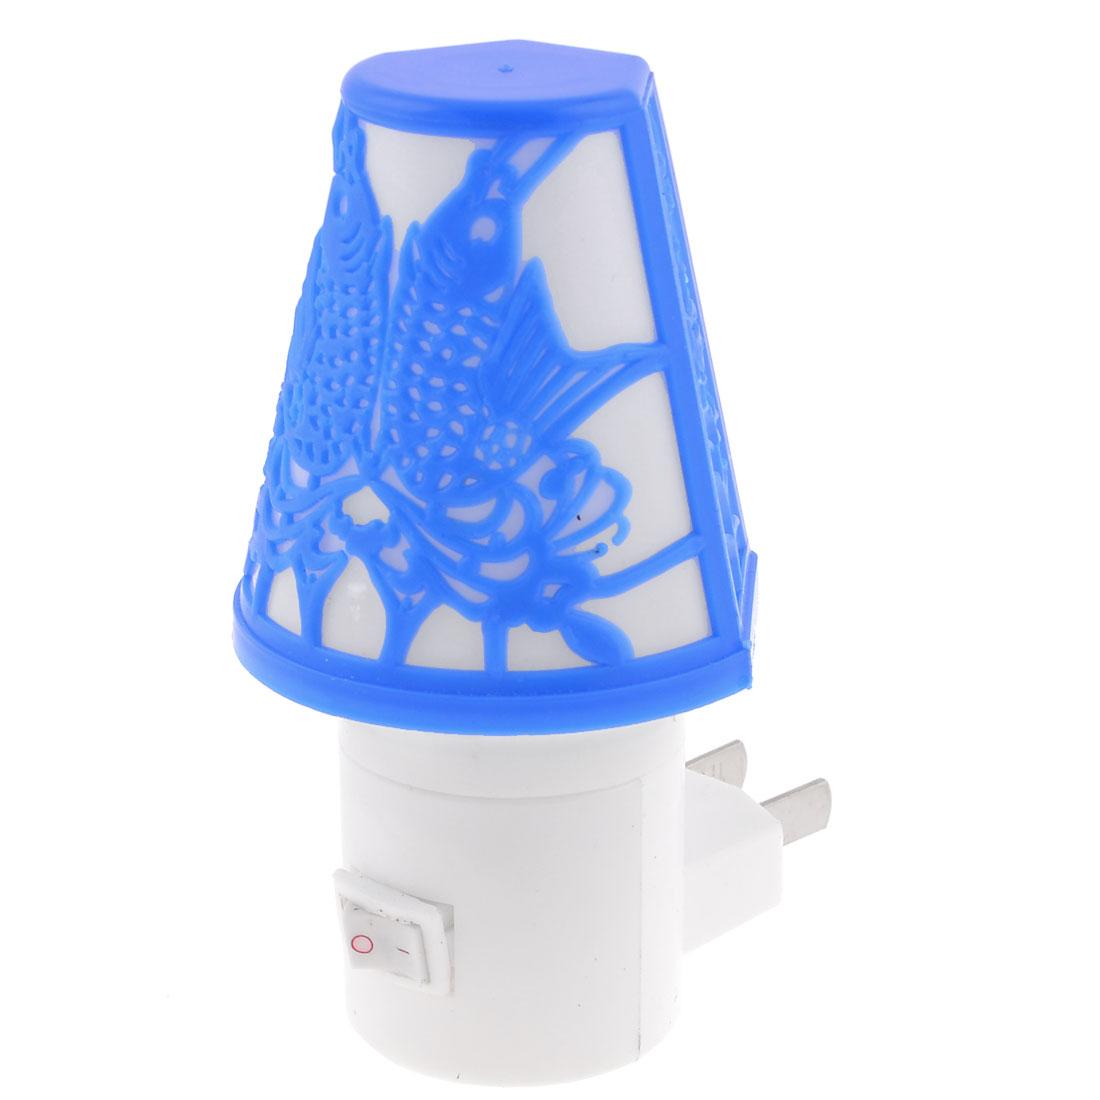 Blue Fish Print Cover Flat 2 Pole White LED Light Night Lamp AC 110-250V US Plug